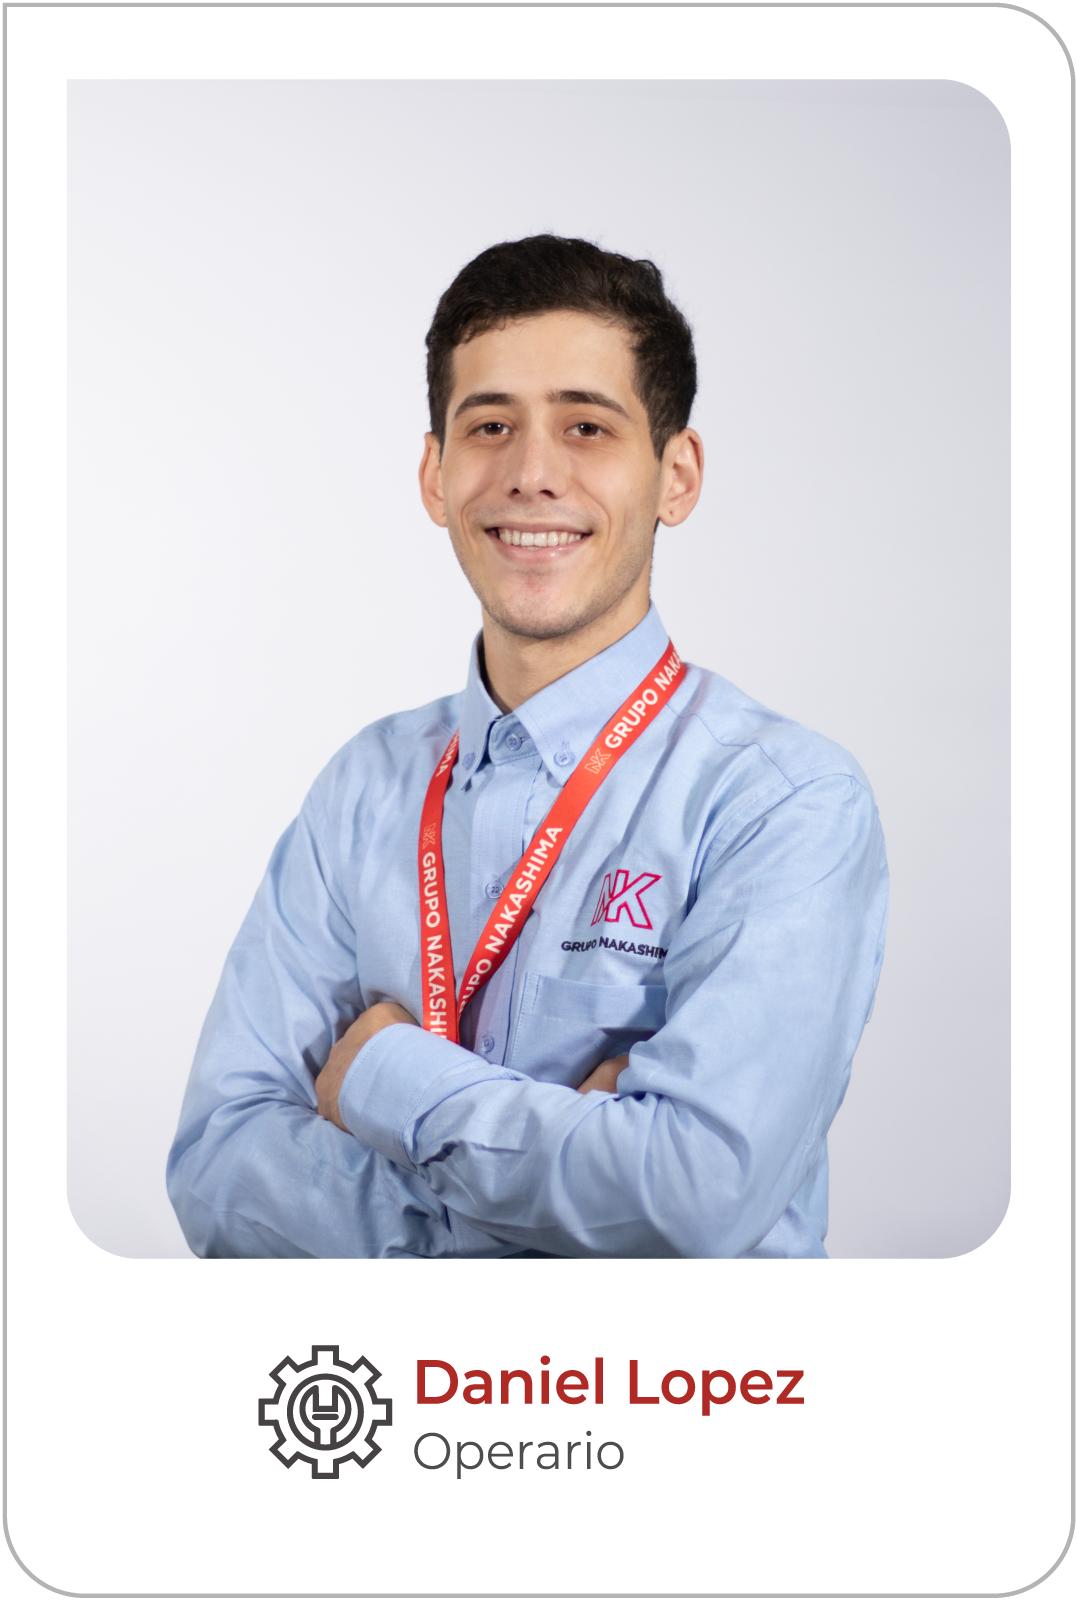 web 2021_Personal - Daniel Lopez